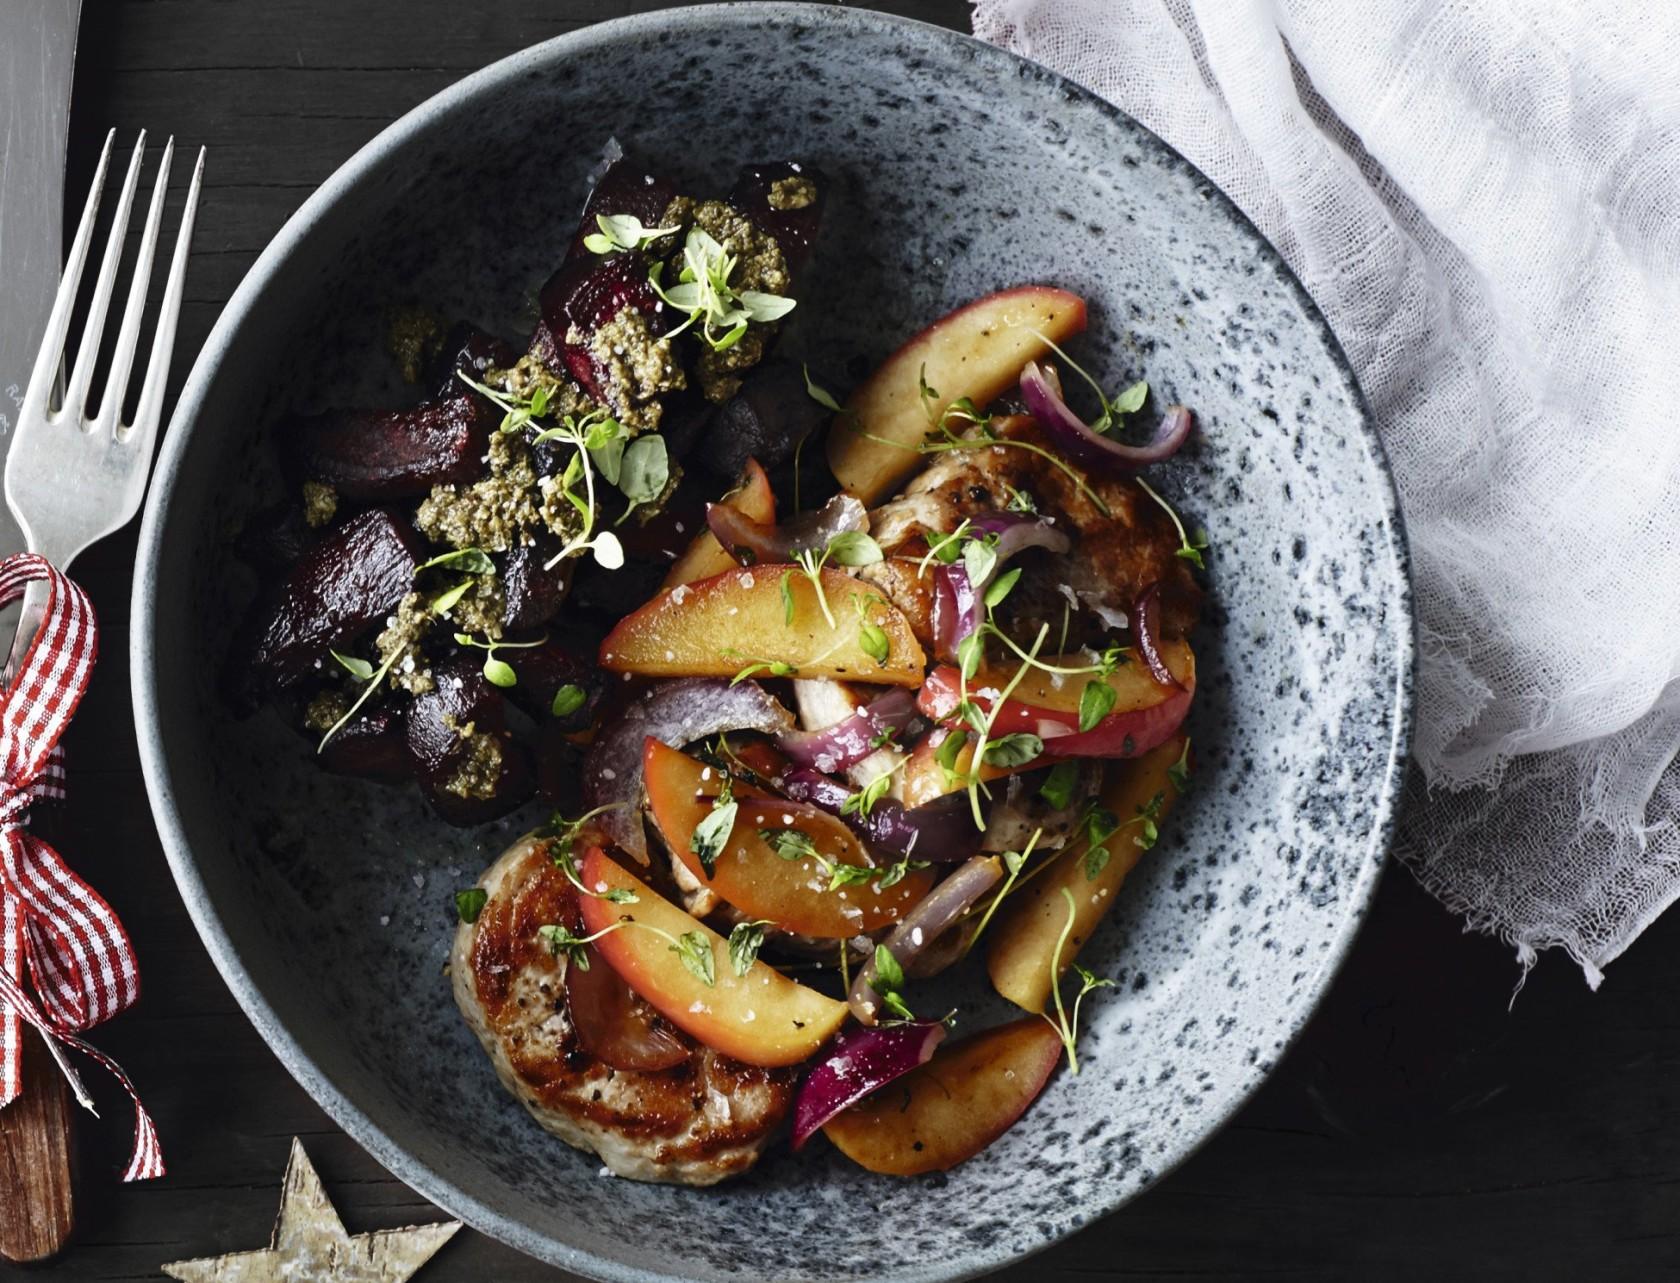 Mørbradbøffer a la æbleflæsk med rødbeder og grøn pesto - perfekt opskrift til julefrokosten.